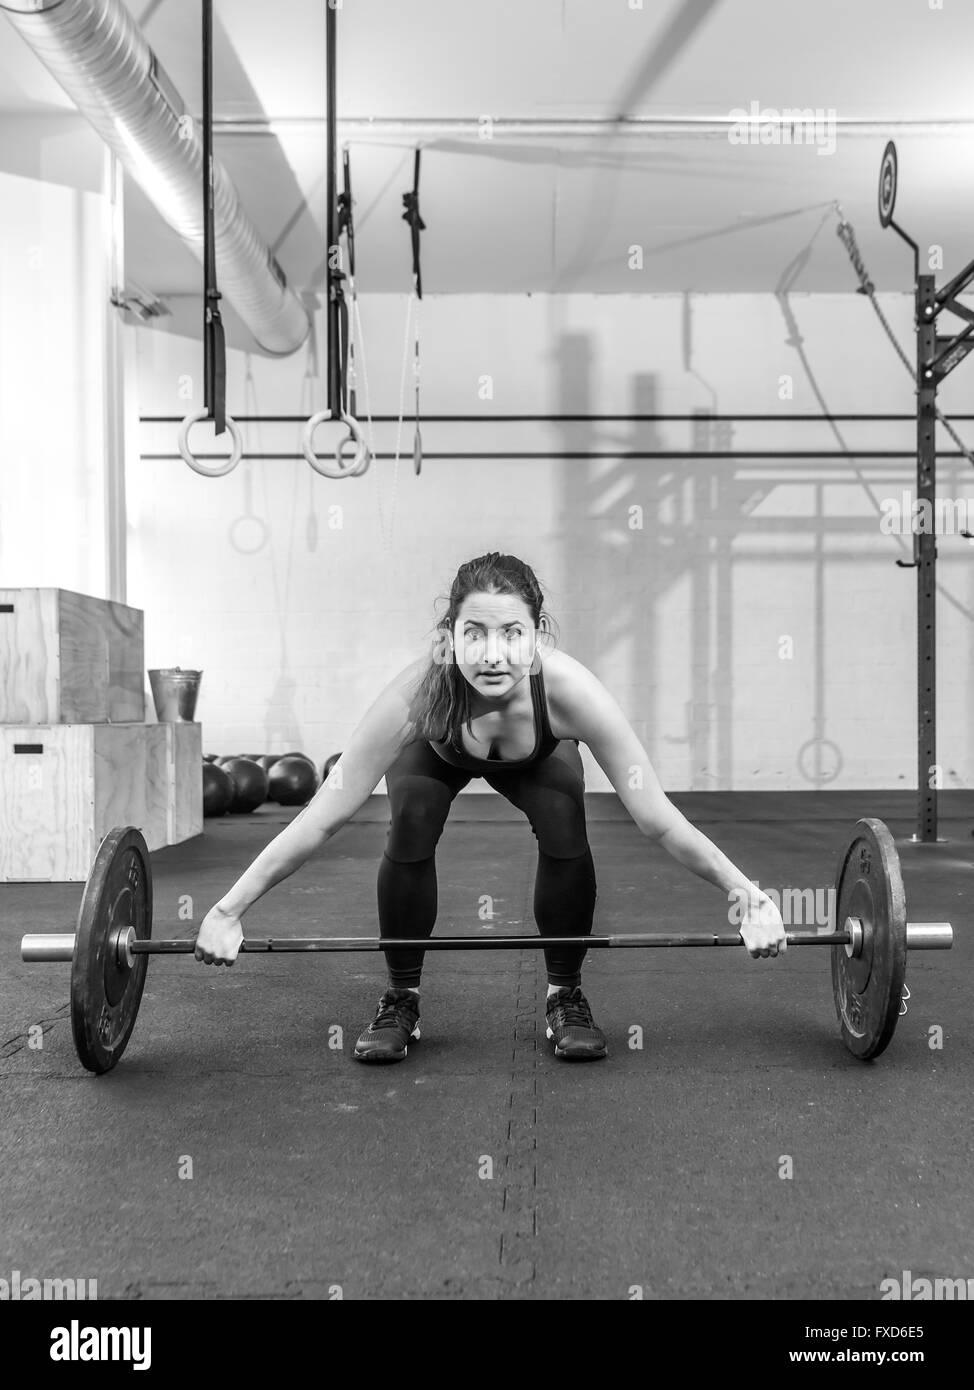 Foto de una mujer joven en un gimnasio crossfit levantar un barbell. Imagen De Stock